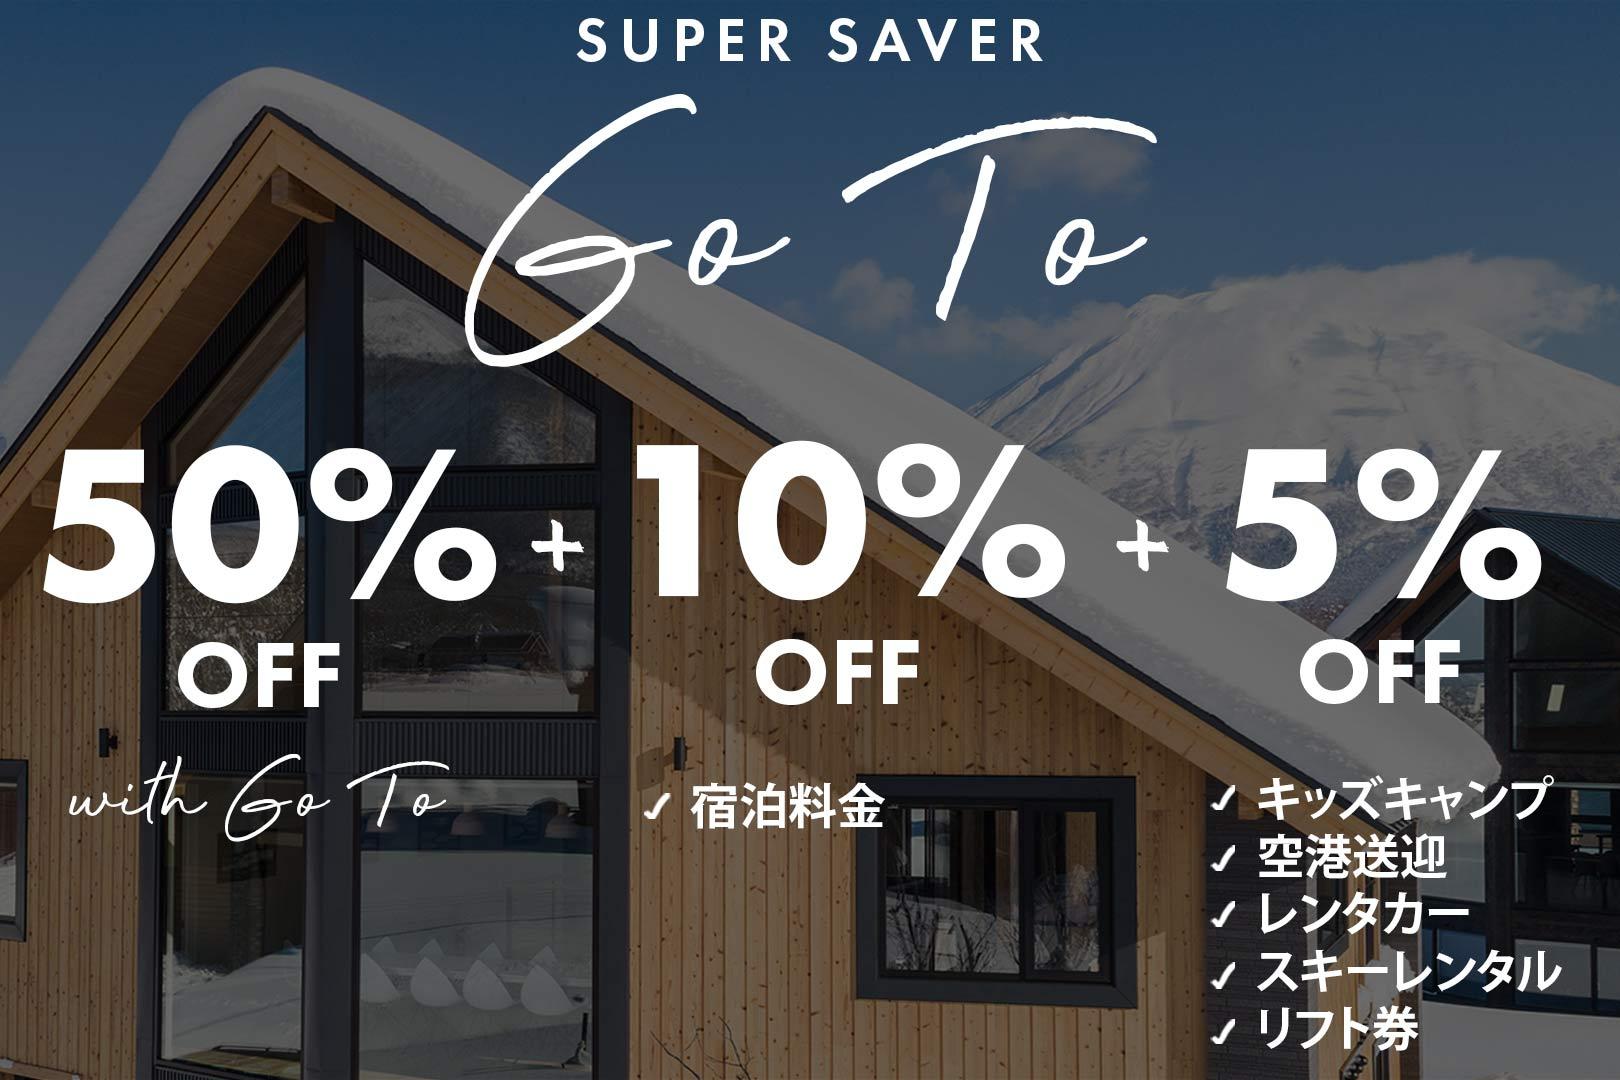 Super Saver Go To